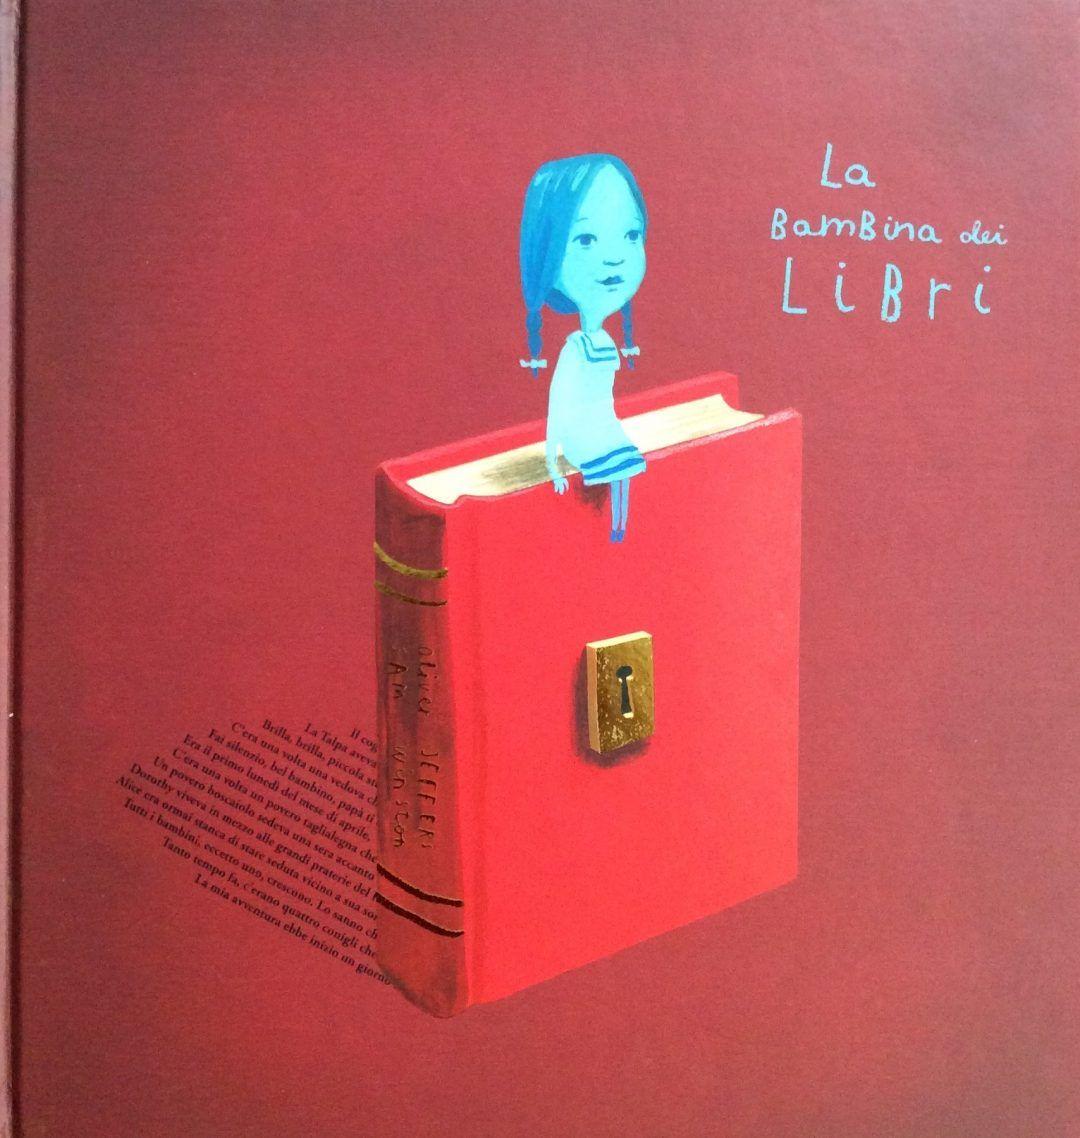 La bambina dei libri di Oliver Jeffers è un progetto molto elegante realizzato a quattro mani con l